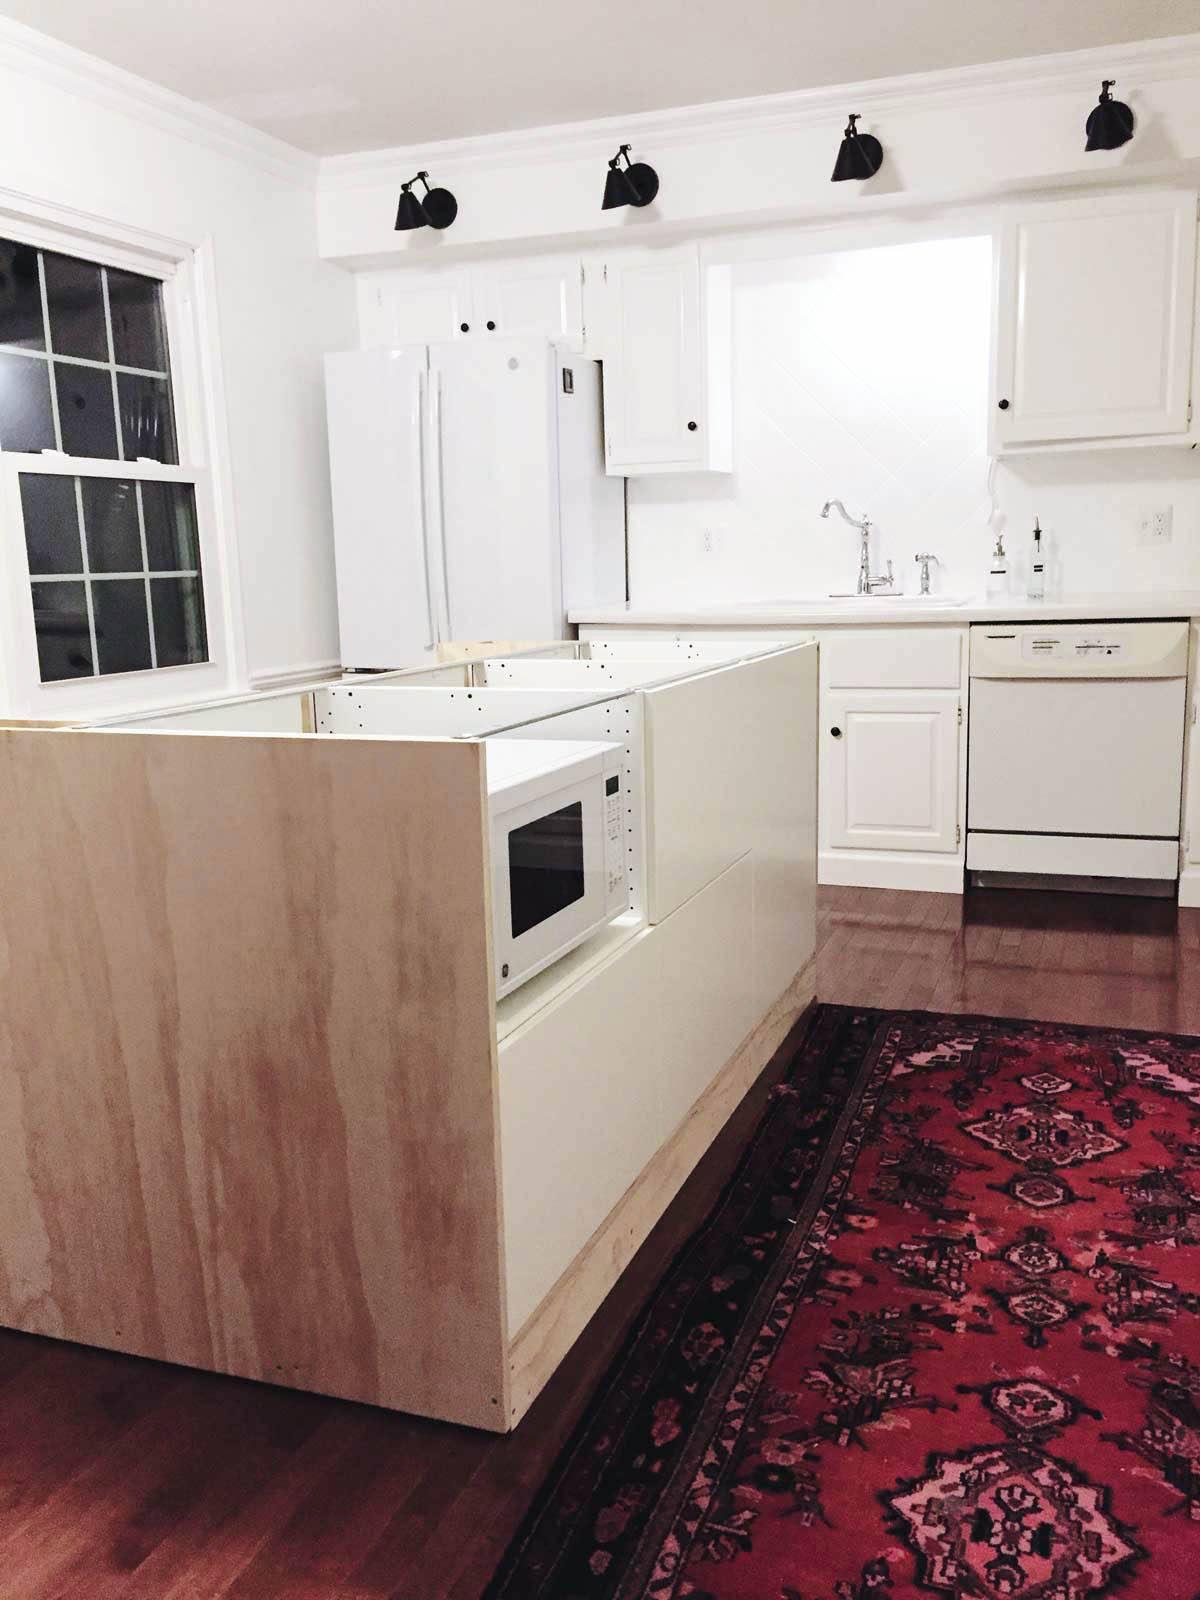 rachel schultz a diy kitchen island